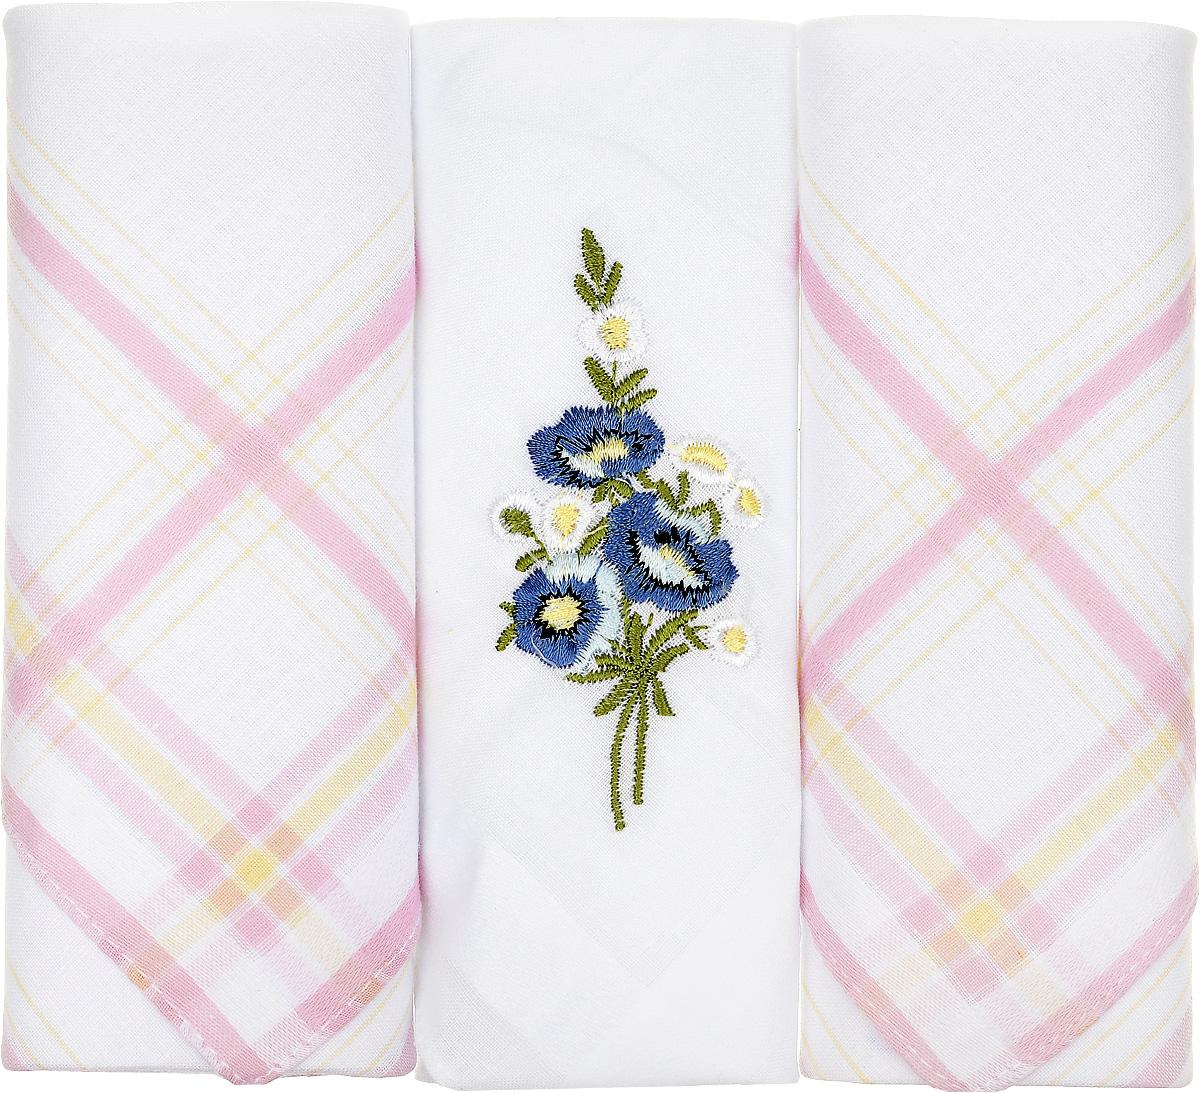 Платок носовой женский Zlata Korunka, цвет: белый, розовый, 3 шт. 90329-43. Размер 29 см х 29 см39864|Серьги с подвескамиНебольшой женский носовой платок Zlata Korunka изготовлен из высококачественного натурального хлопка, благодаря чему приятен в использовании, хорошо стирается, не садится и отлично впитывает влагу. Практичный и изящный носовой платок будет незаменим в повседневной жизни любого современного человека. Такой платок послужит стильным аксессуаром и подчеркнет ваше превосходное чувство вкуса.В комплекте 3 платка.